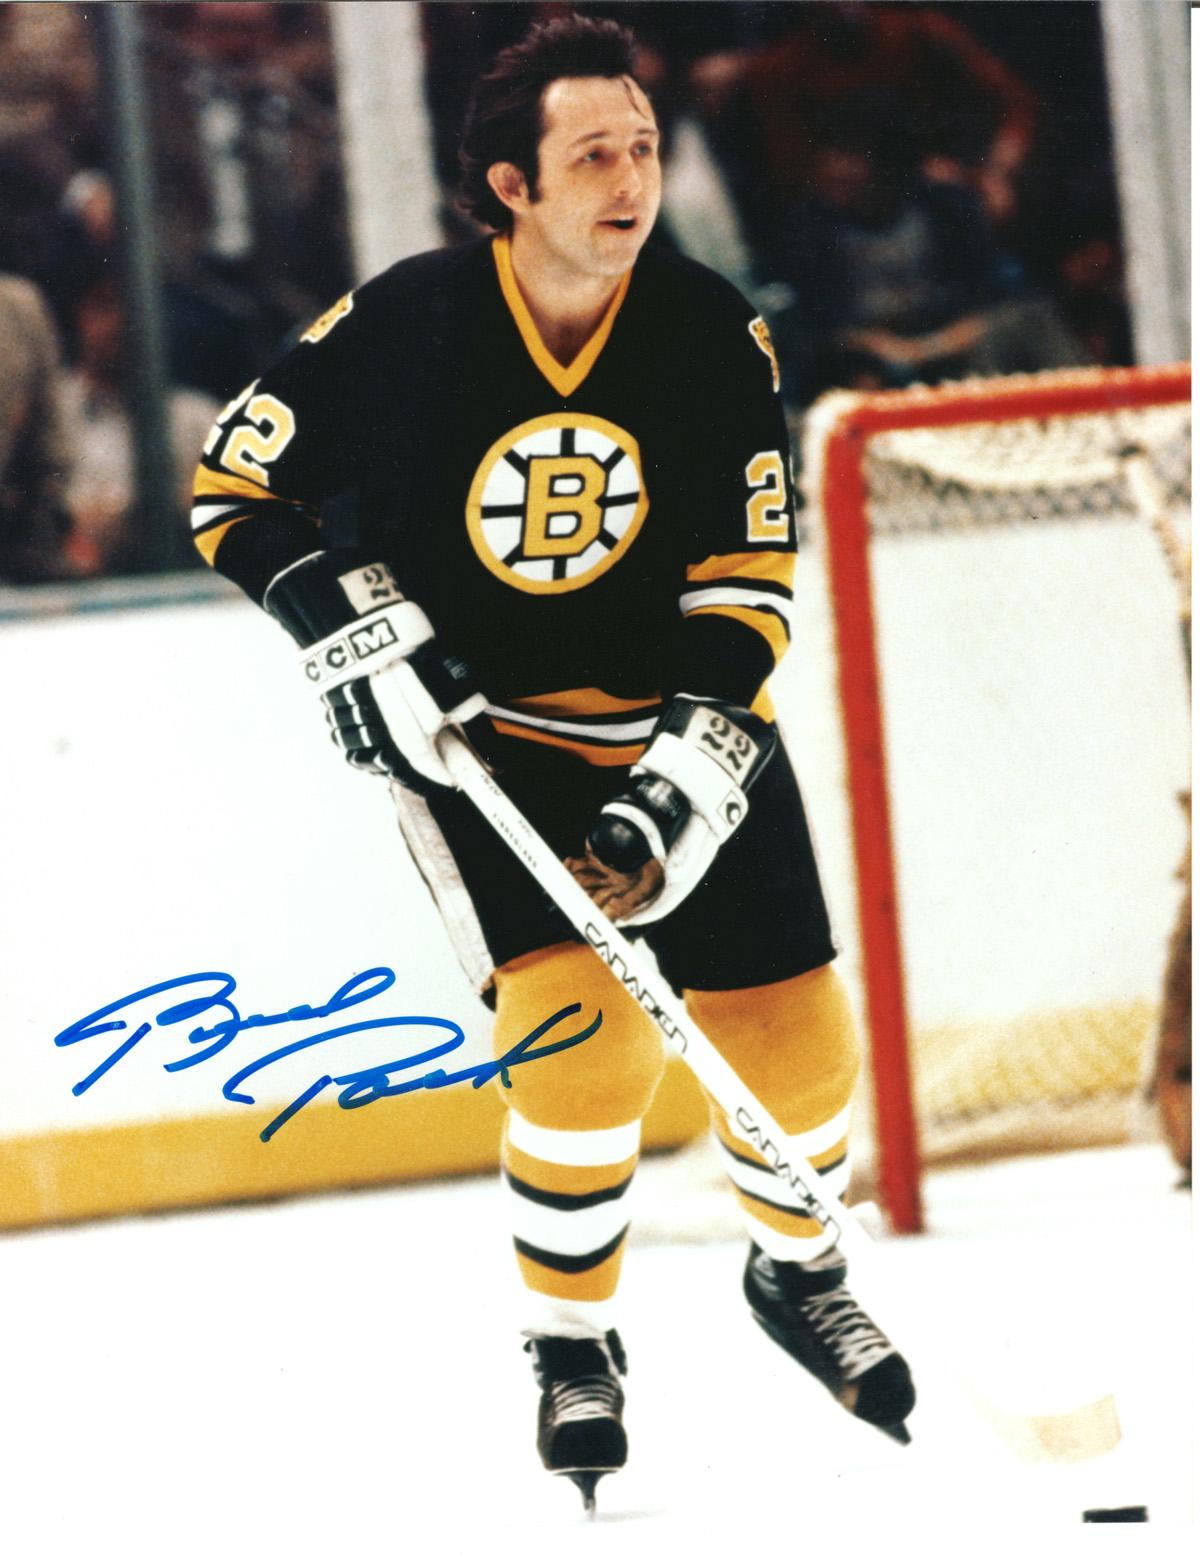 Brad Park Autographed 8x10